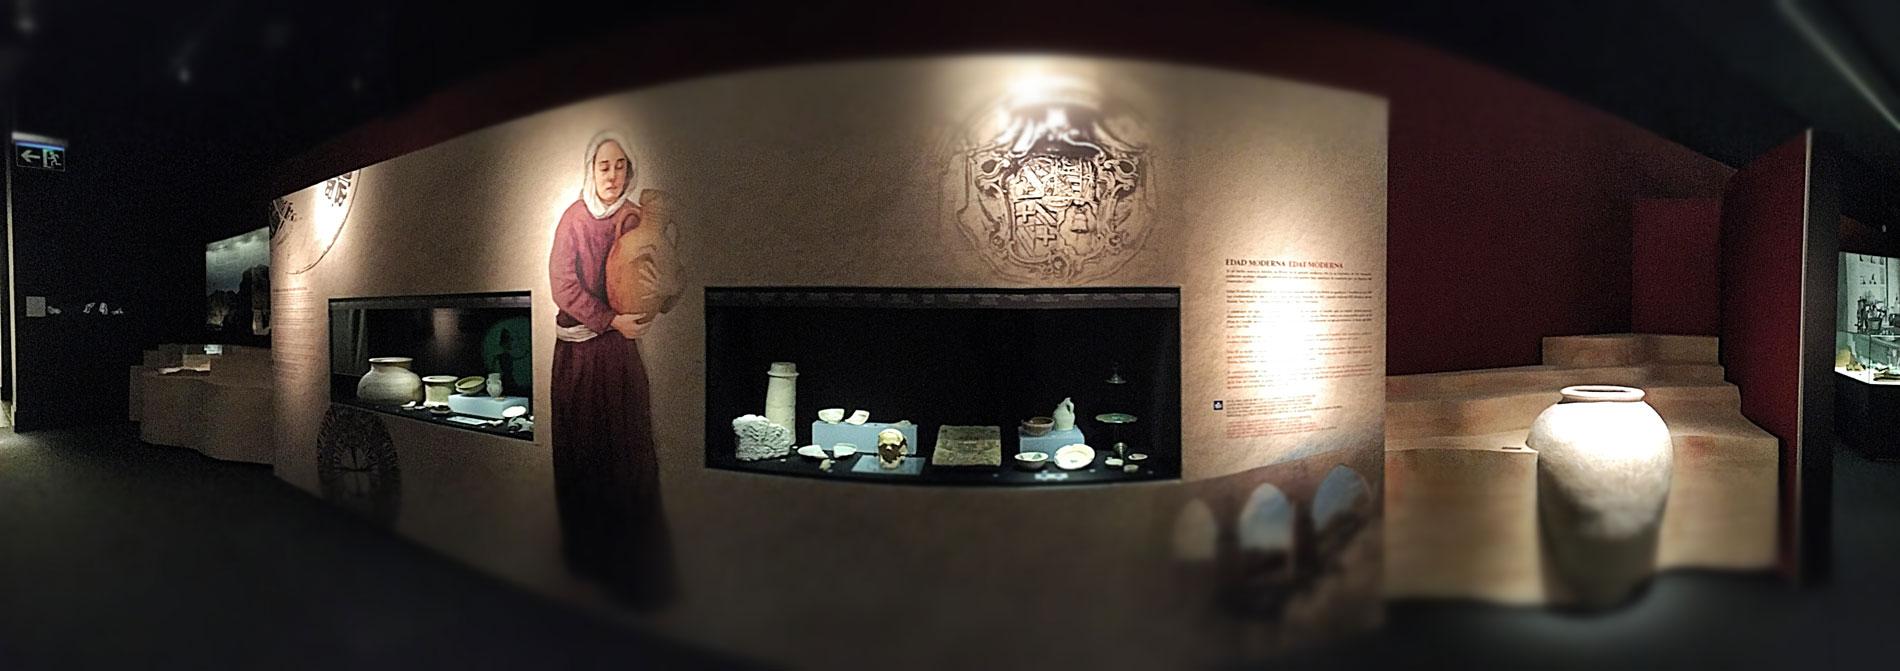 Sala 2 exposición Petrer